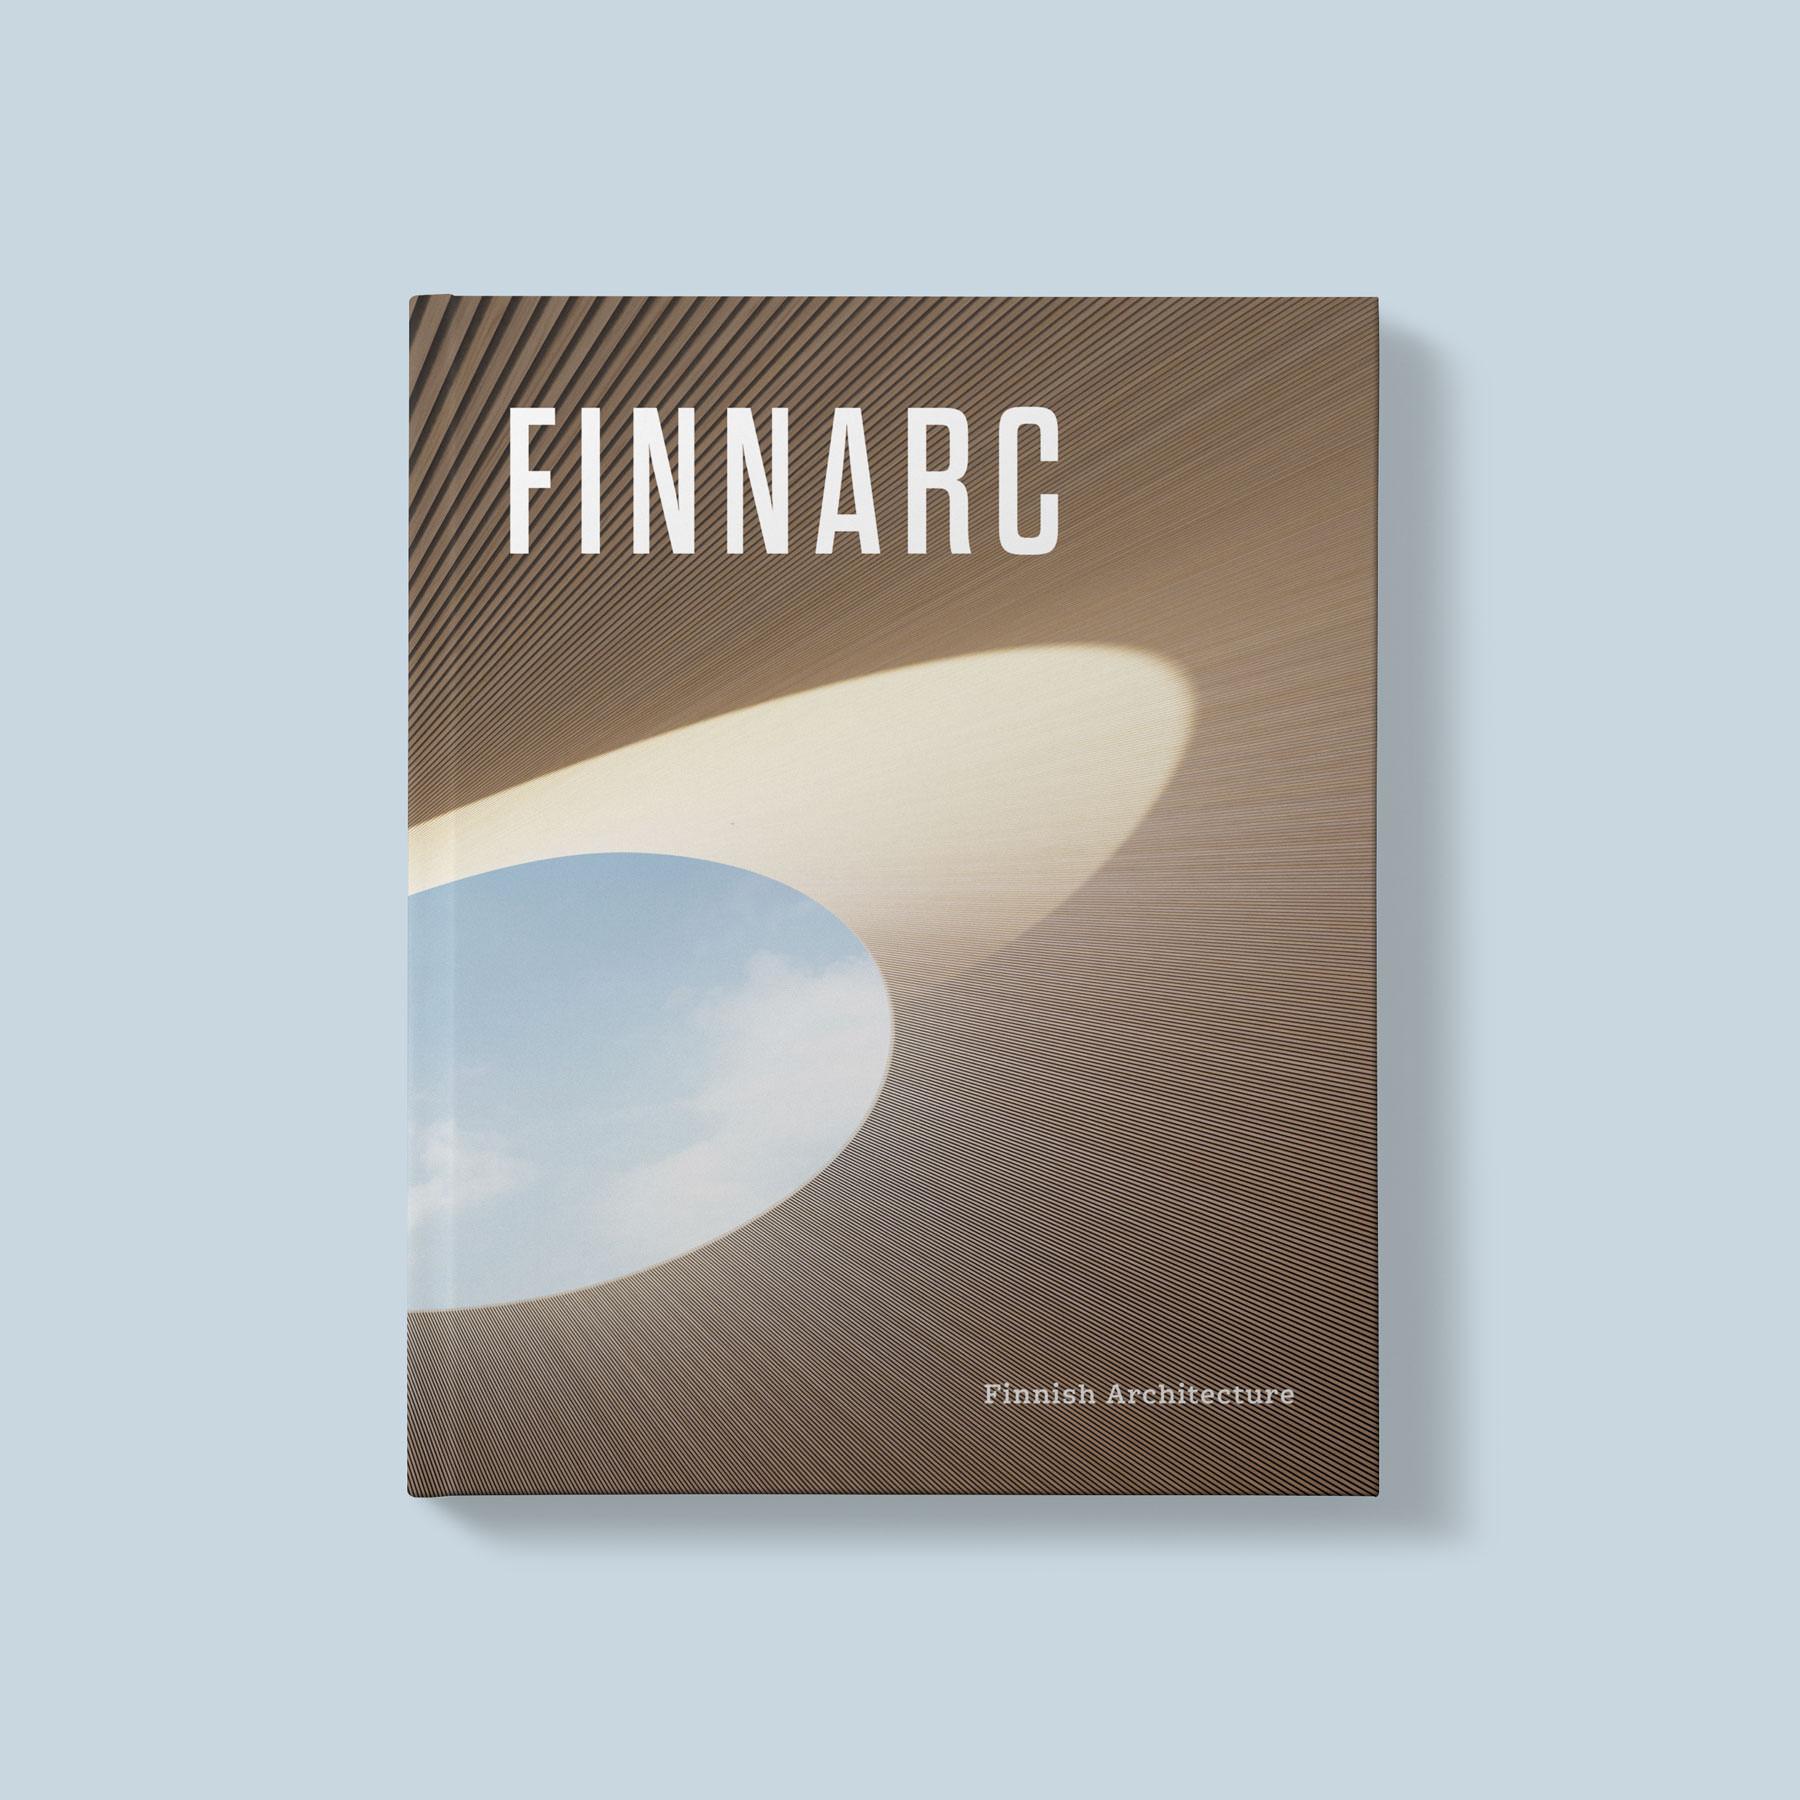 FinnArc